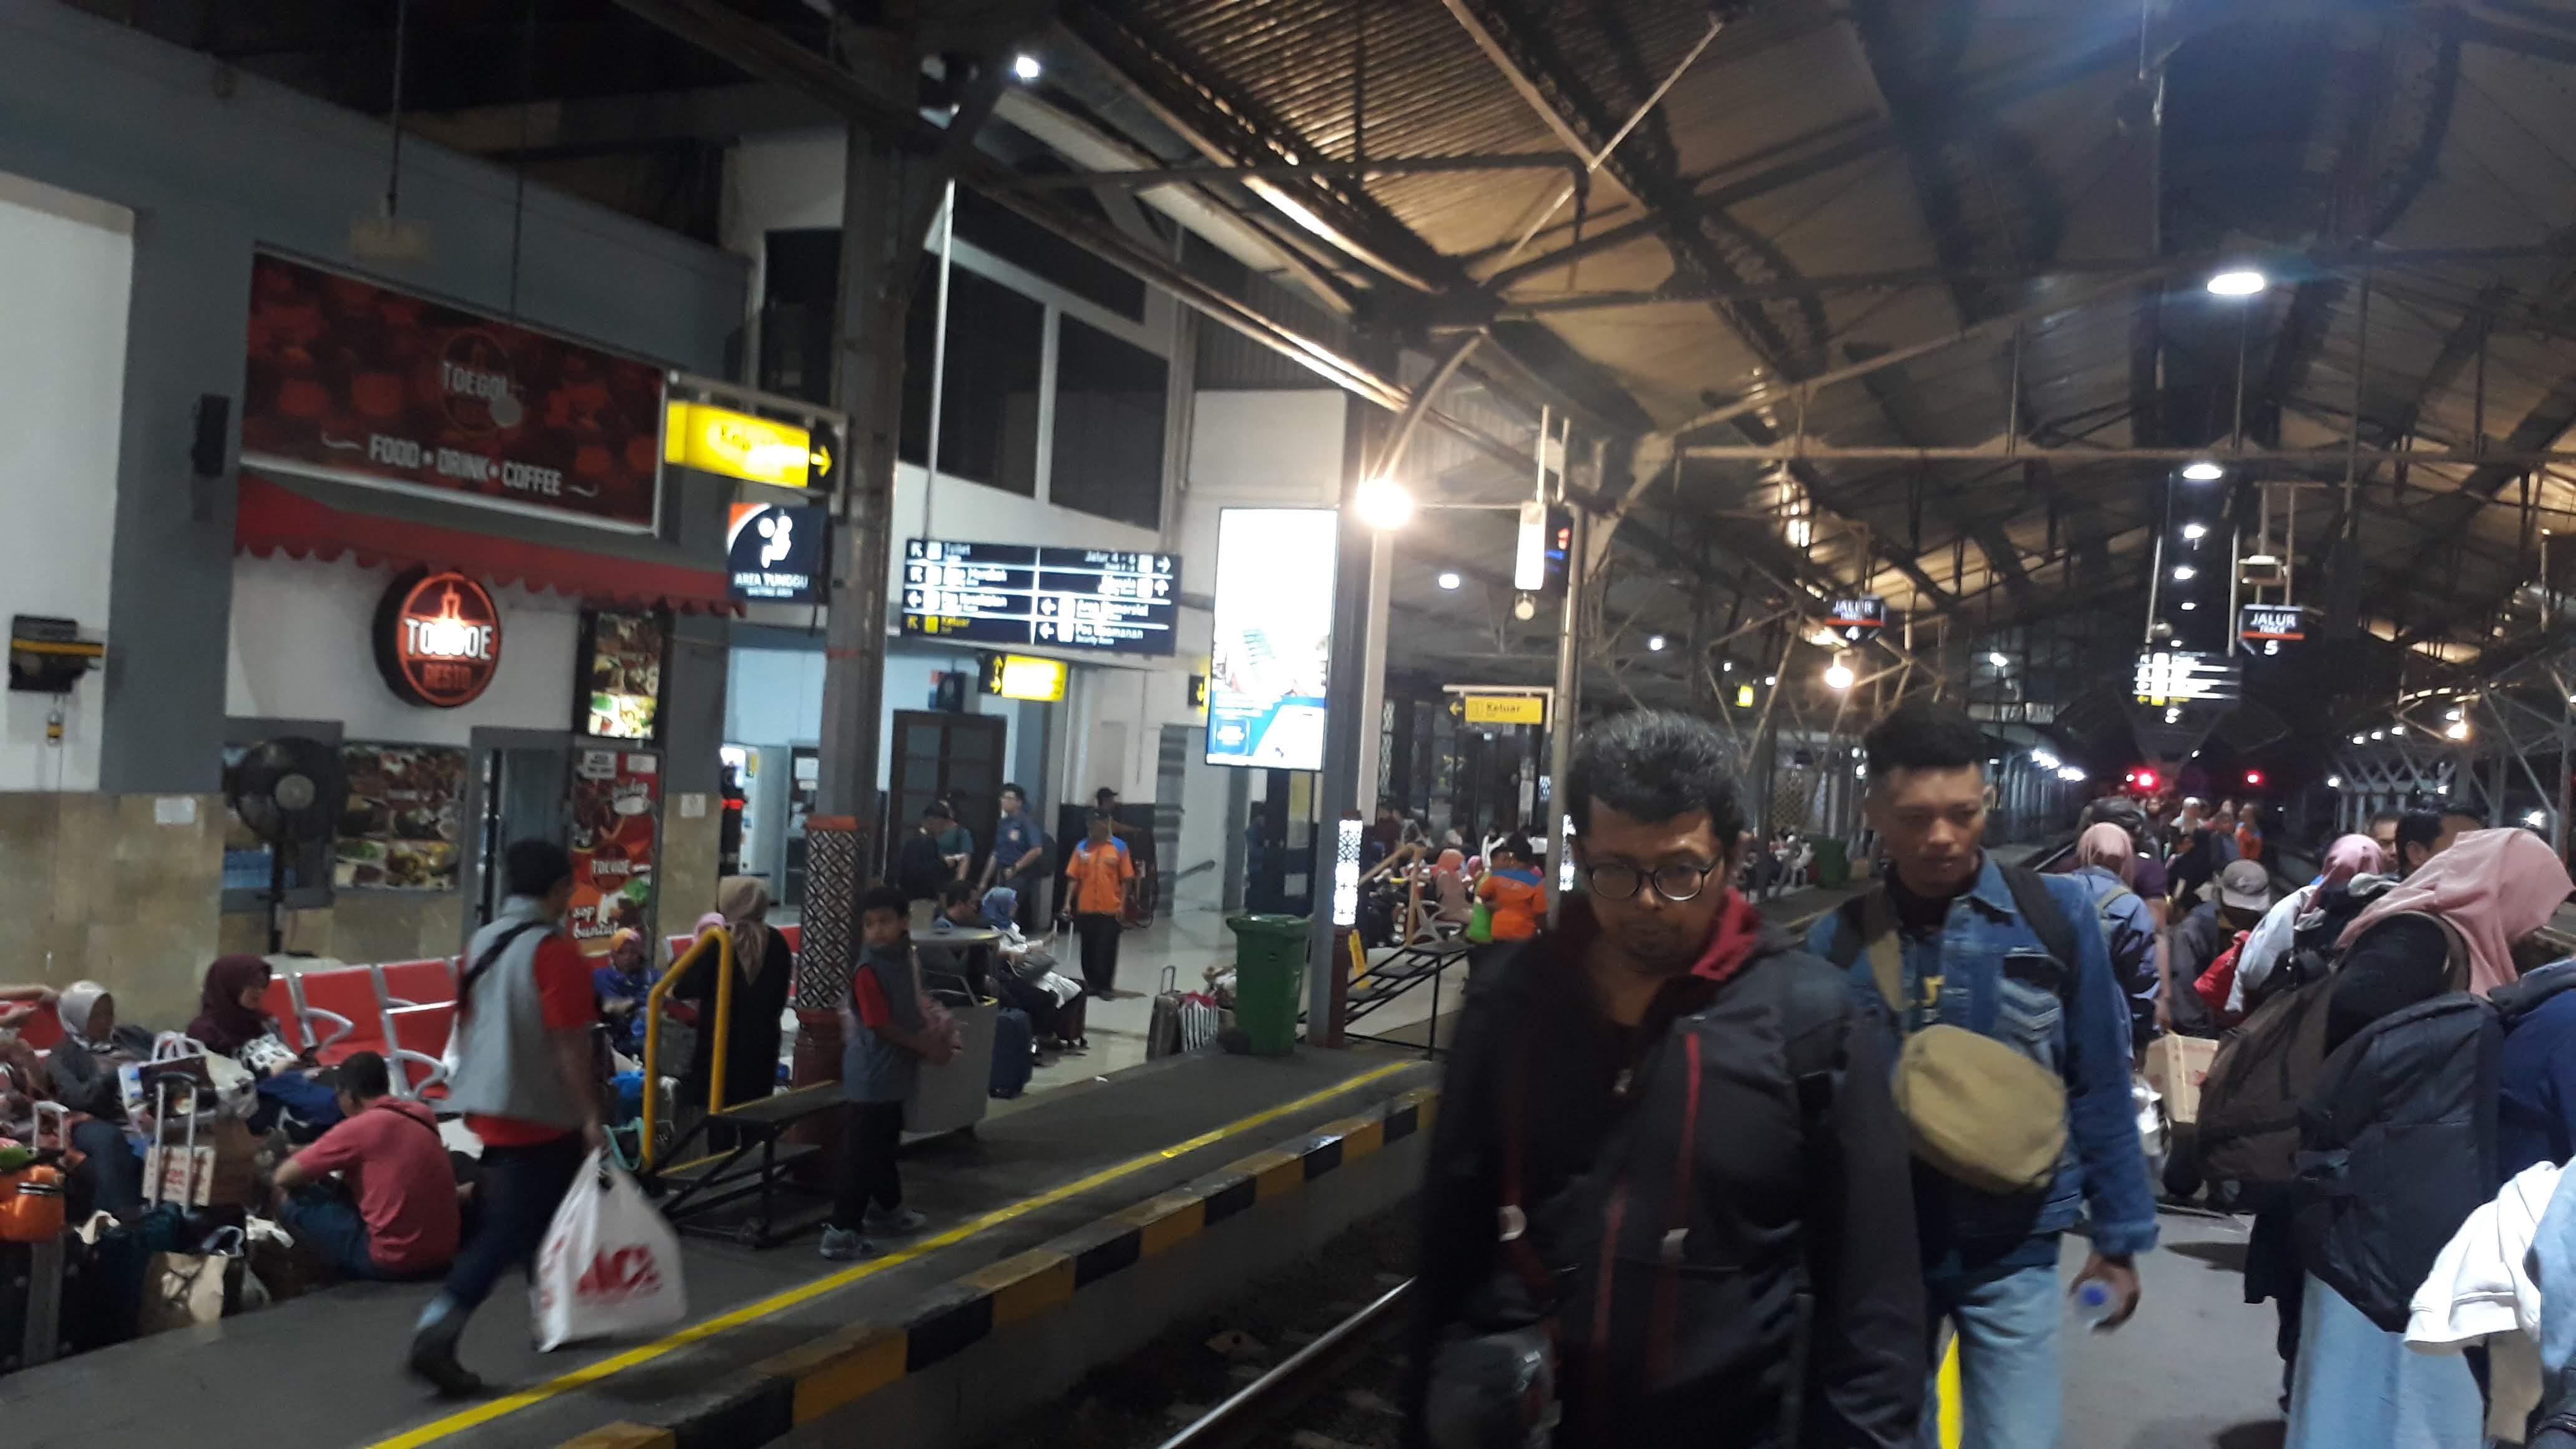 Stasiun Tugu Yogyakarta Yang Bersejarah Kini Kian Bersih Dan Nyaman